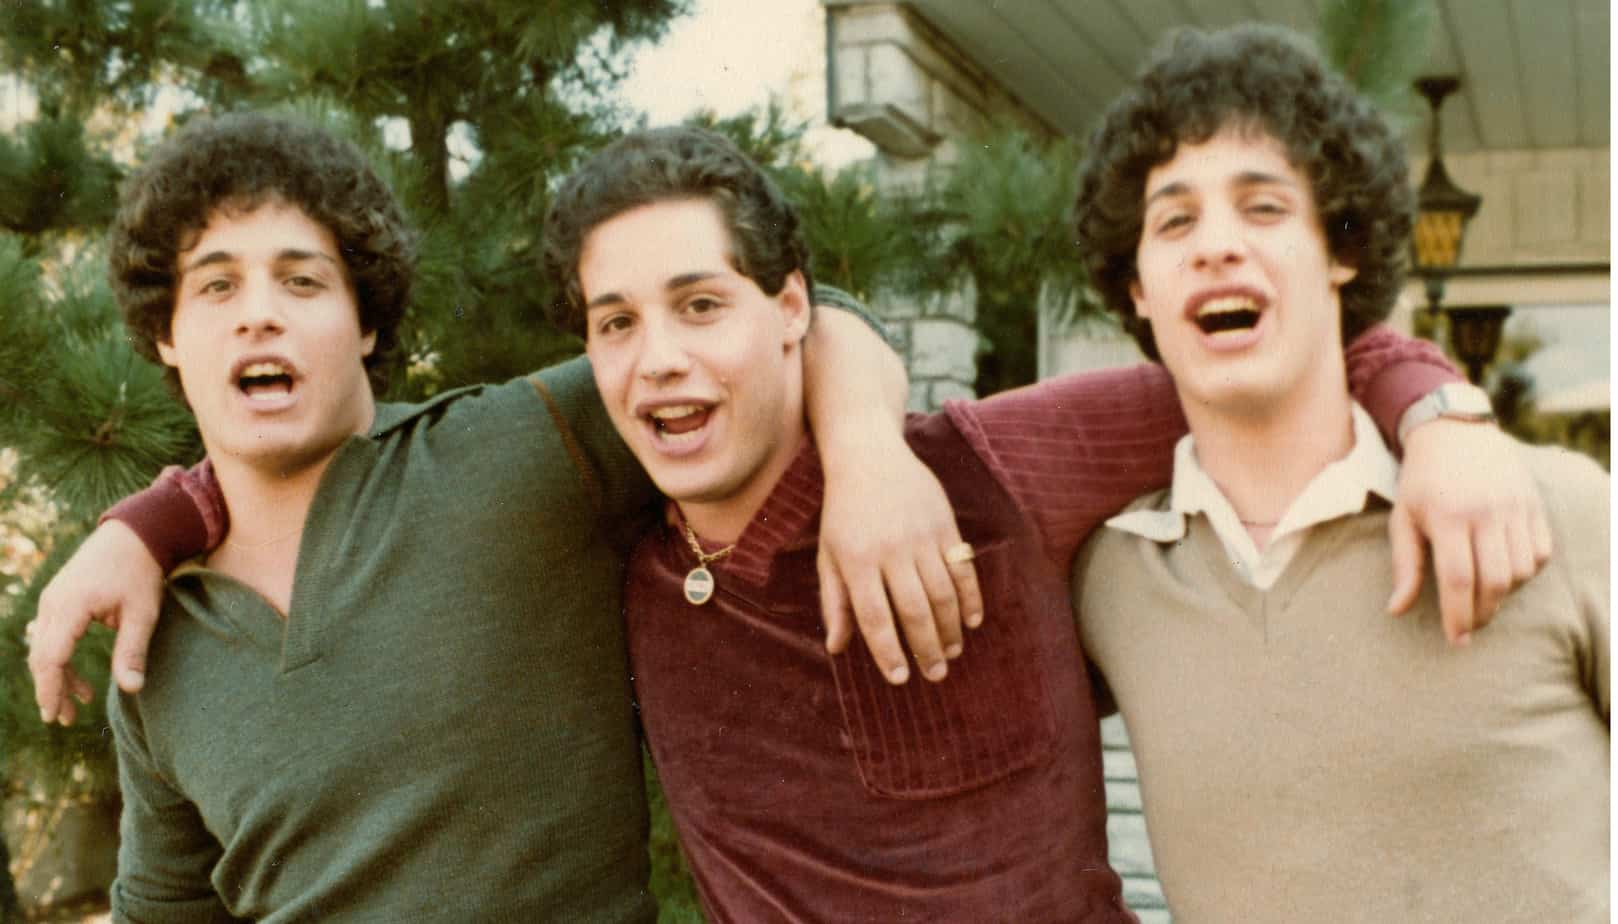 Crítica | Três Estranhos Idênticos é documentário mais estranho que a ficção